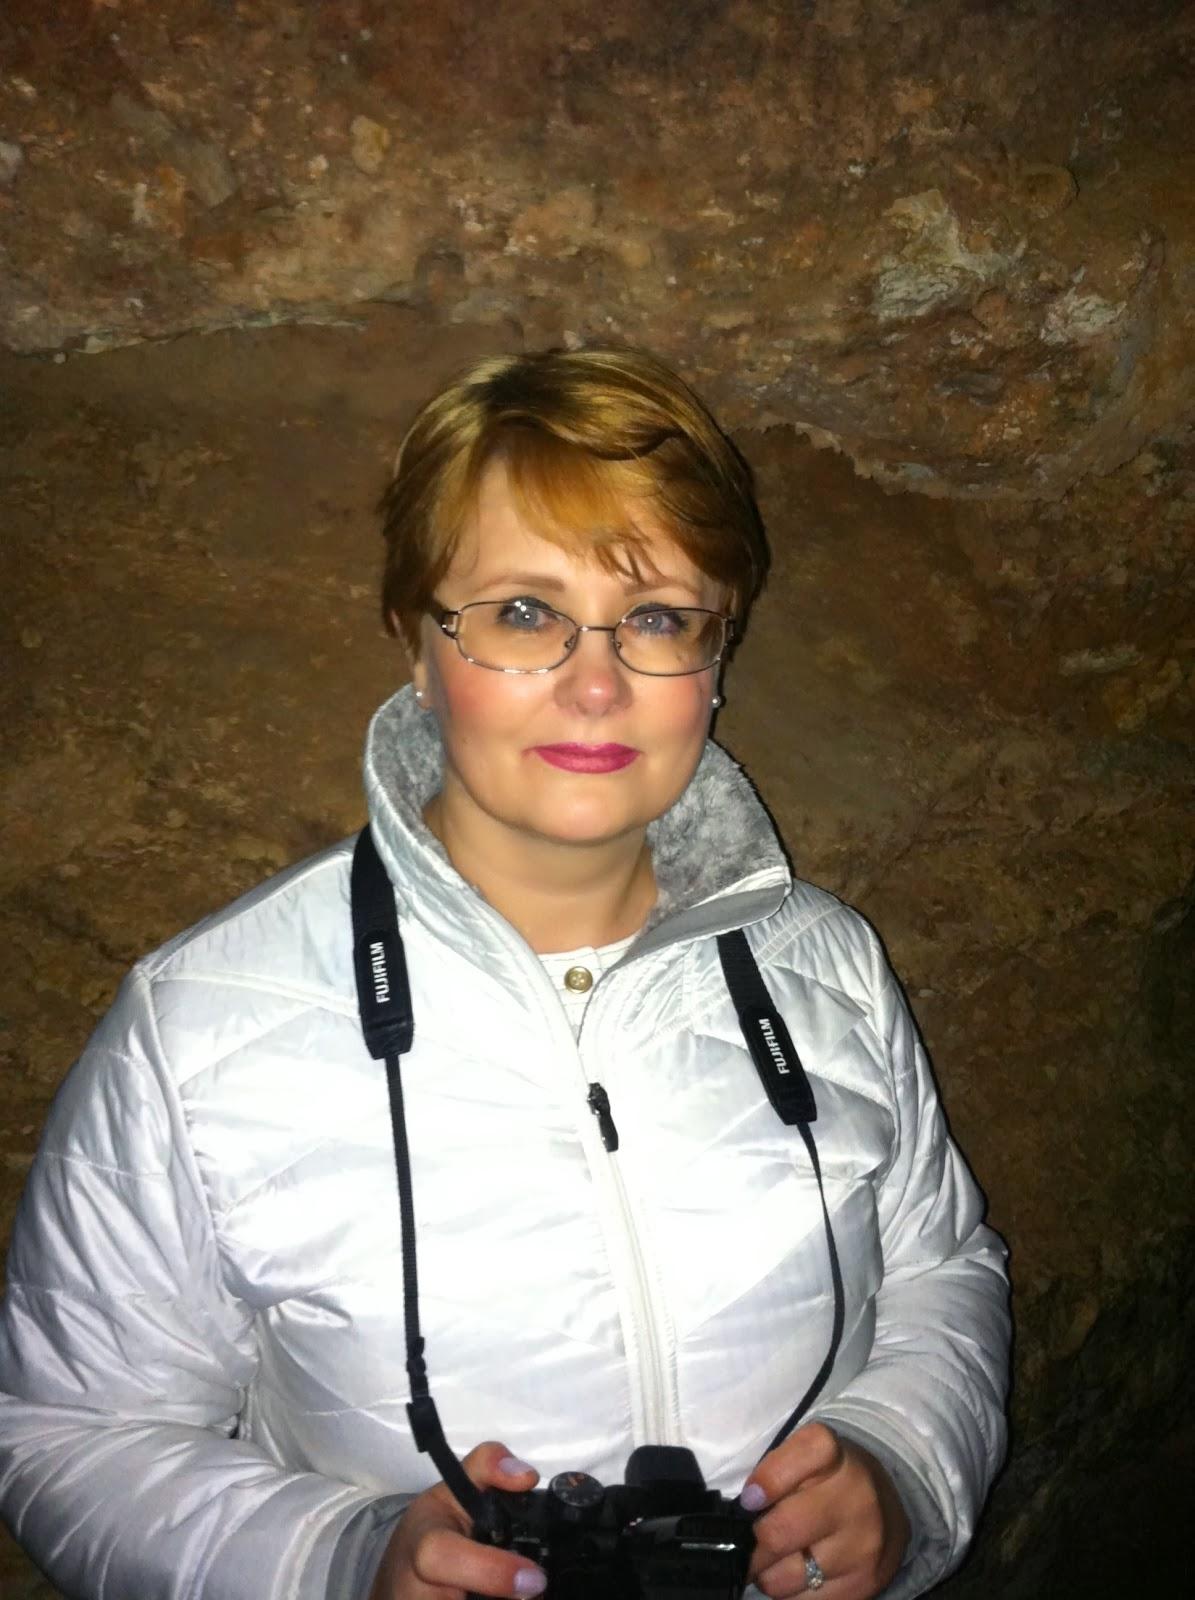 Мы собирались посетить местные пещеры Колорадо Спрингс а попали в удивительное путешествие по Manitou большой пещеры.  Само путешествие началось с горы Manitou Springs, с которой мы наслаждались, захватывающей панорамой на Пайкс Пик и город Колорадо Спринг. А вход в пещеру начинался с… магазина сувениров,    в котором мы, конечно, купили красивых минералов.    Перед началом похода в пещеры всем предлагали сделать фото на память  Это куча не что иное, как талисман, придуманный двумя старыми девами, 100 лет назад. Гуляя по пещерам, они решили, что скучно просто рассматривать темные стены и положили свои волосы в коробку, чтобы люди смотрели на них. А люди стали кидать в неё свои заколки, резинки для волос, булавки, монеты … Так была придумана примета: если ваш дар пещере, зацепится за стену то вас ожидает 2 года удачи и возможен брак.     А в этой дырке нам обещали показать живое человеческое сердце. Я его увидела но, к сожалению, вам не смогла его показать.  Вообще было ощущение, что мы ходили по живому организму нашей матушки Земли. Все было реалистично и фантастически красиво. С «потолка» свисали сосульки из сталактитов и сталагмитов, узкие проходы, заставляли сжиматься и нагибаться и бояться )))  Экскурсия закончилась очень быстро, и мы не заметили, как прошли 45 минут   Journey into the past ...  We were going to visit the local caves Colorado Springs and got an amazing journey to Manitou large cave. The journey began with a mountain Manitou Springs, which we enjoyed a breathtaking view of Pikes Peak and the city of Colorado Springs.  The entrance to the cave begins with a souvenir shop, which of course we bought beautiful minerals.    Before starting the hike to the caves all were offered to be photographed This is nothing but a bunch, like a talisman, coined two spinsters, 100 years ago. Taking a walk through the caves , they decided that they bored just consider the dark walls and put your hair ribbon in a box for people to look at them and people started thro